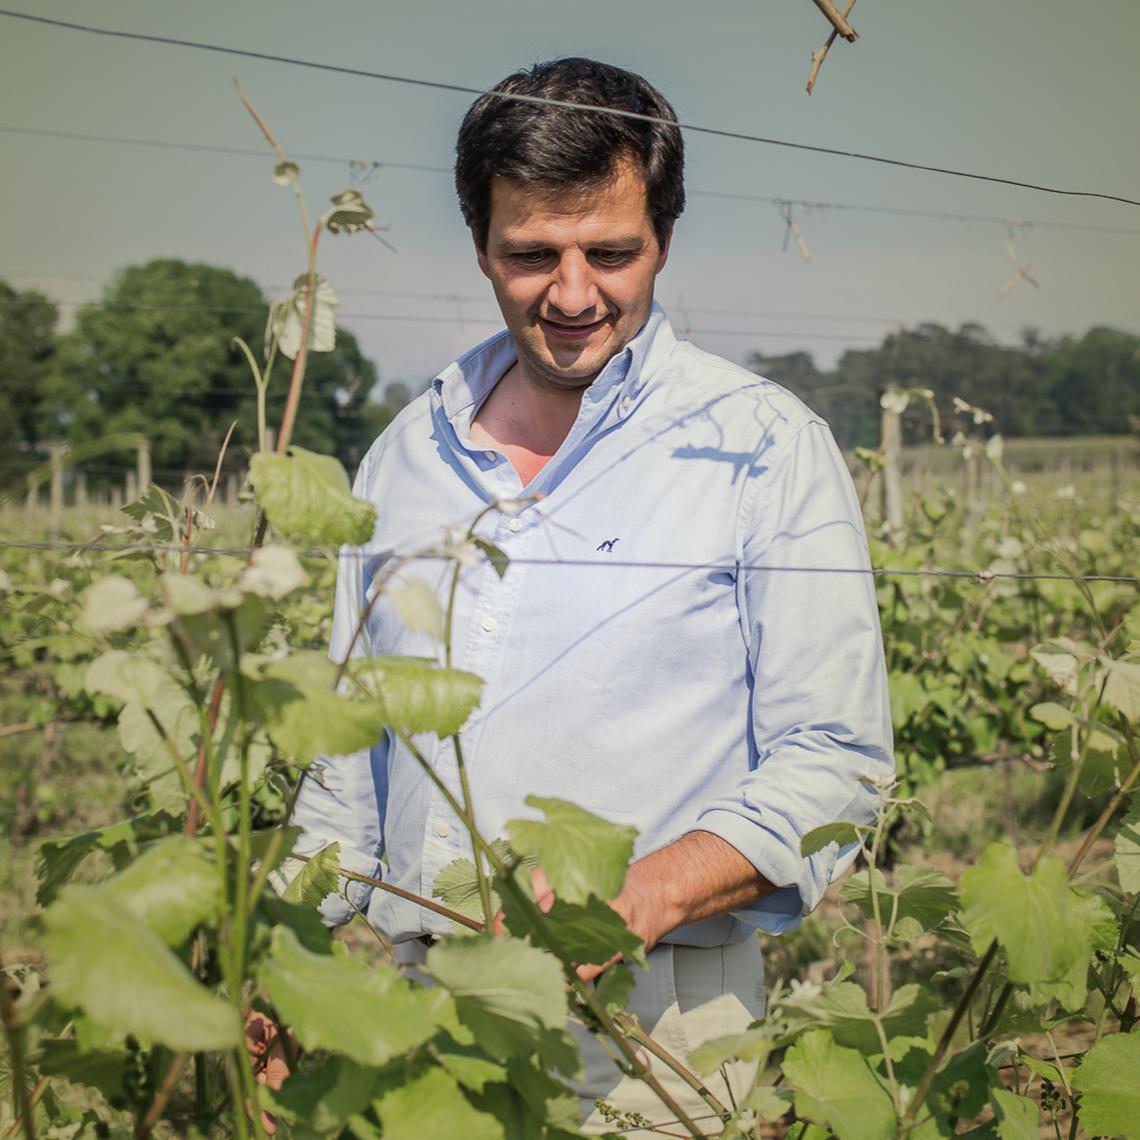 Conheça o nosso Diretor de Viticultura, Pedro Maria Barbosa